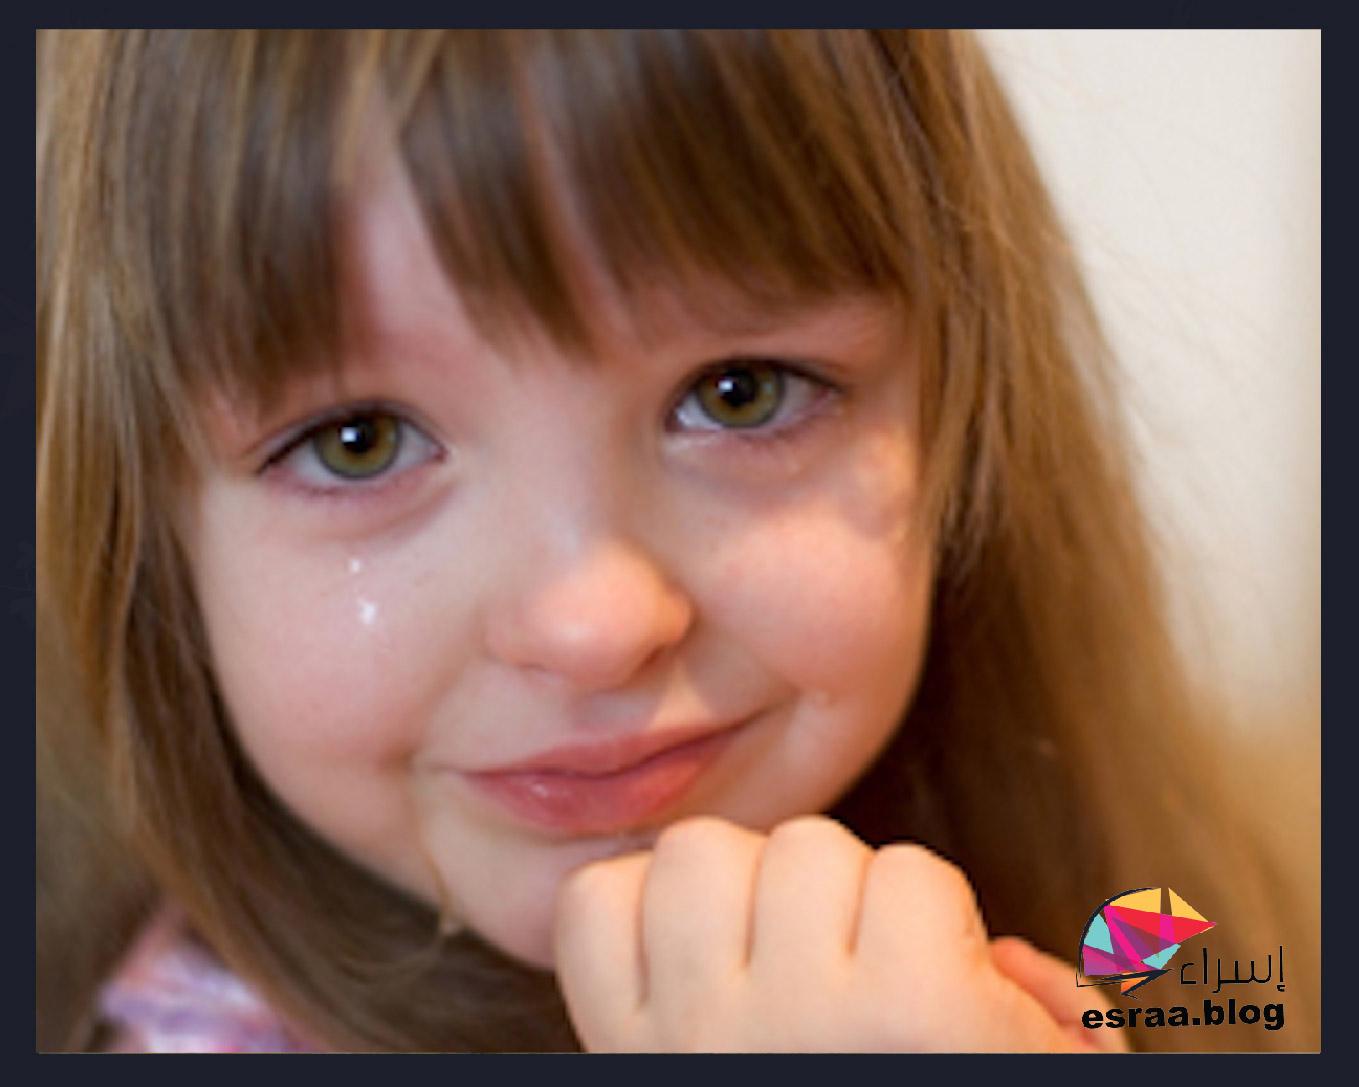 بالصور طفلة تبكي , صور اطفال حزينه مؤثره 781 18